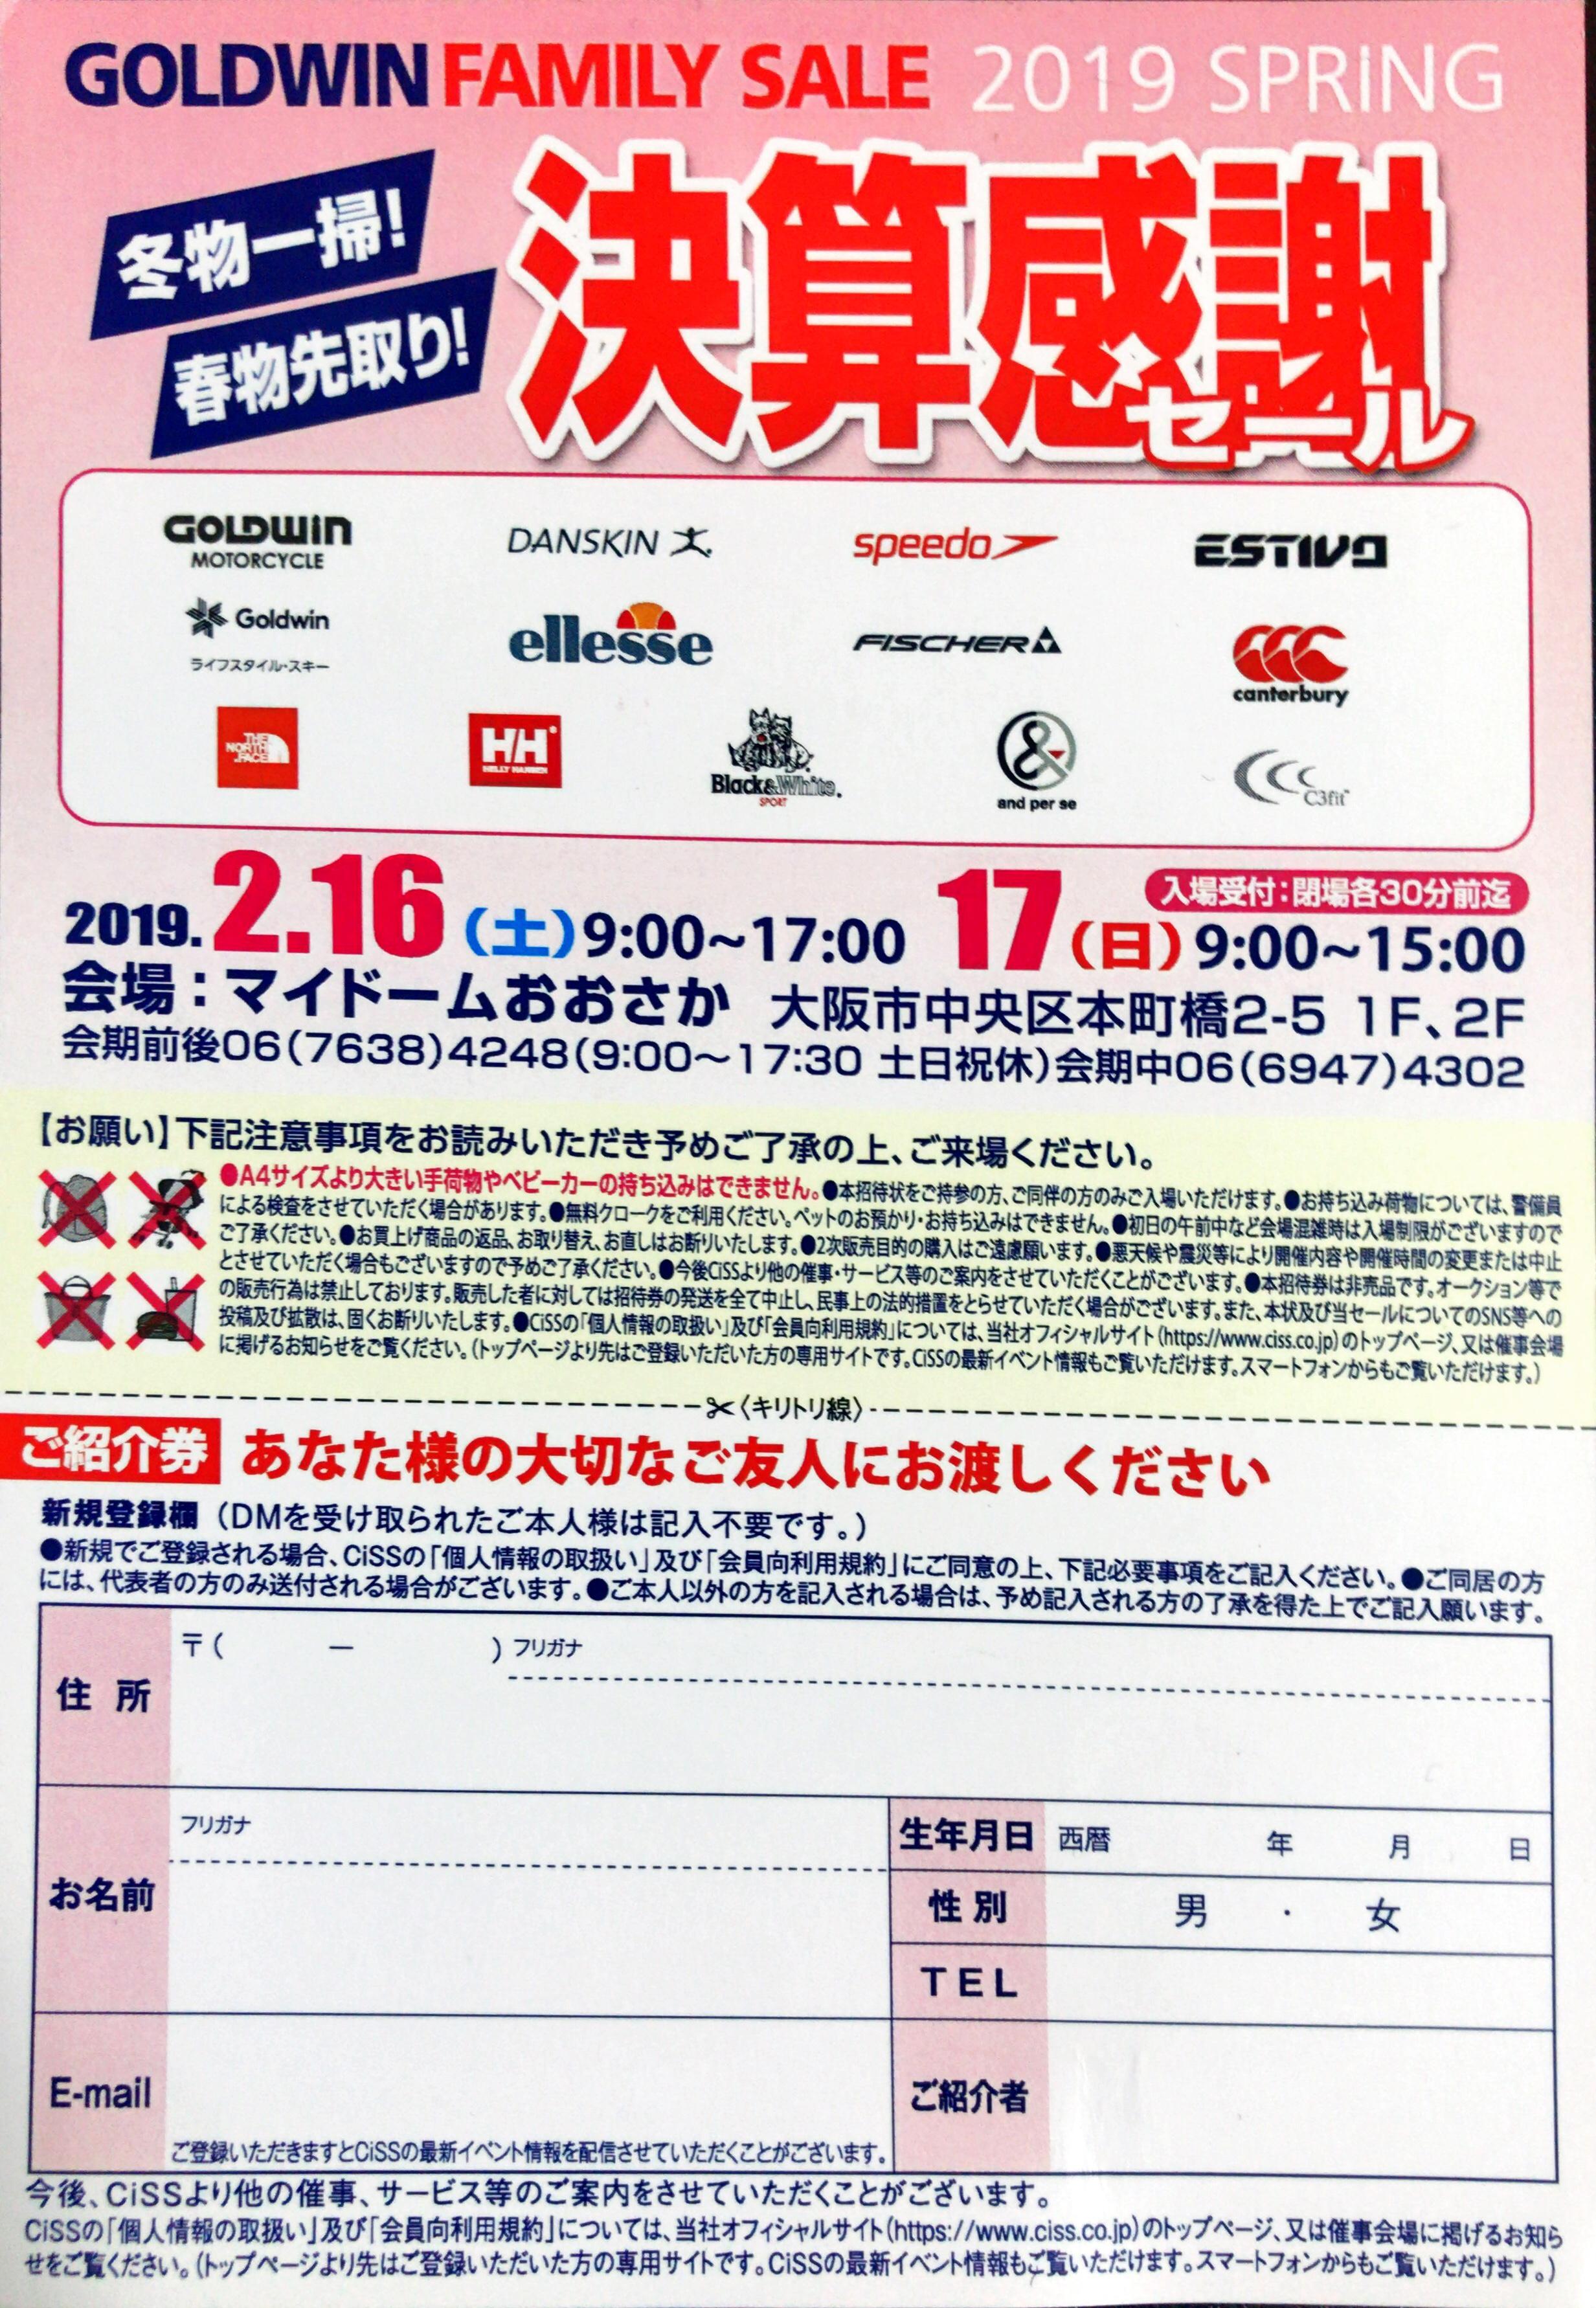 大阪 ゴールドウィン ファミリーセール開催 2019年2月16日・17日